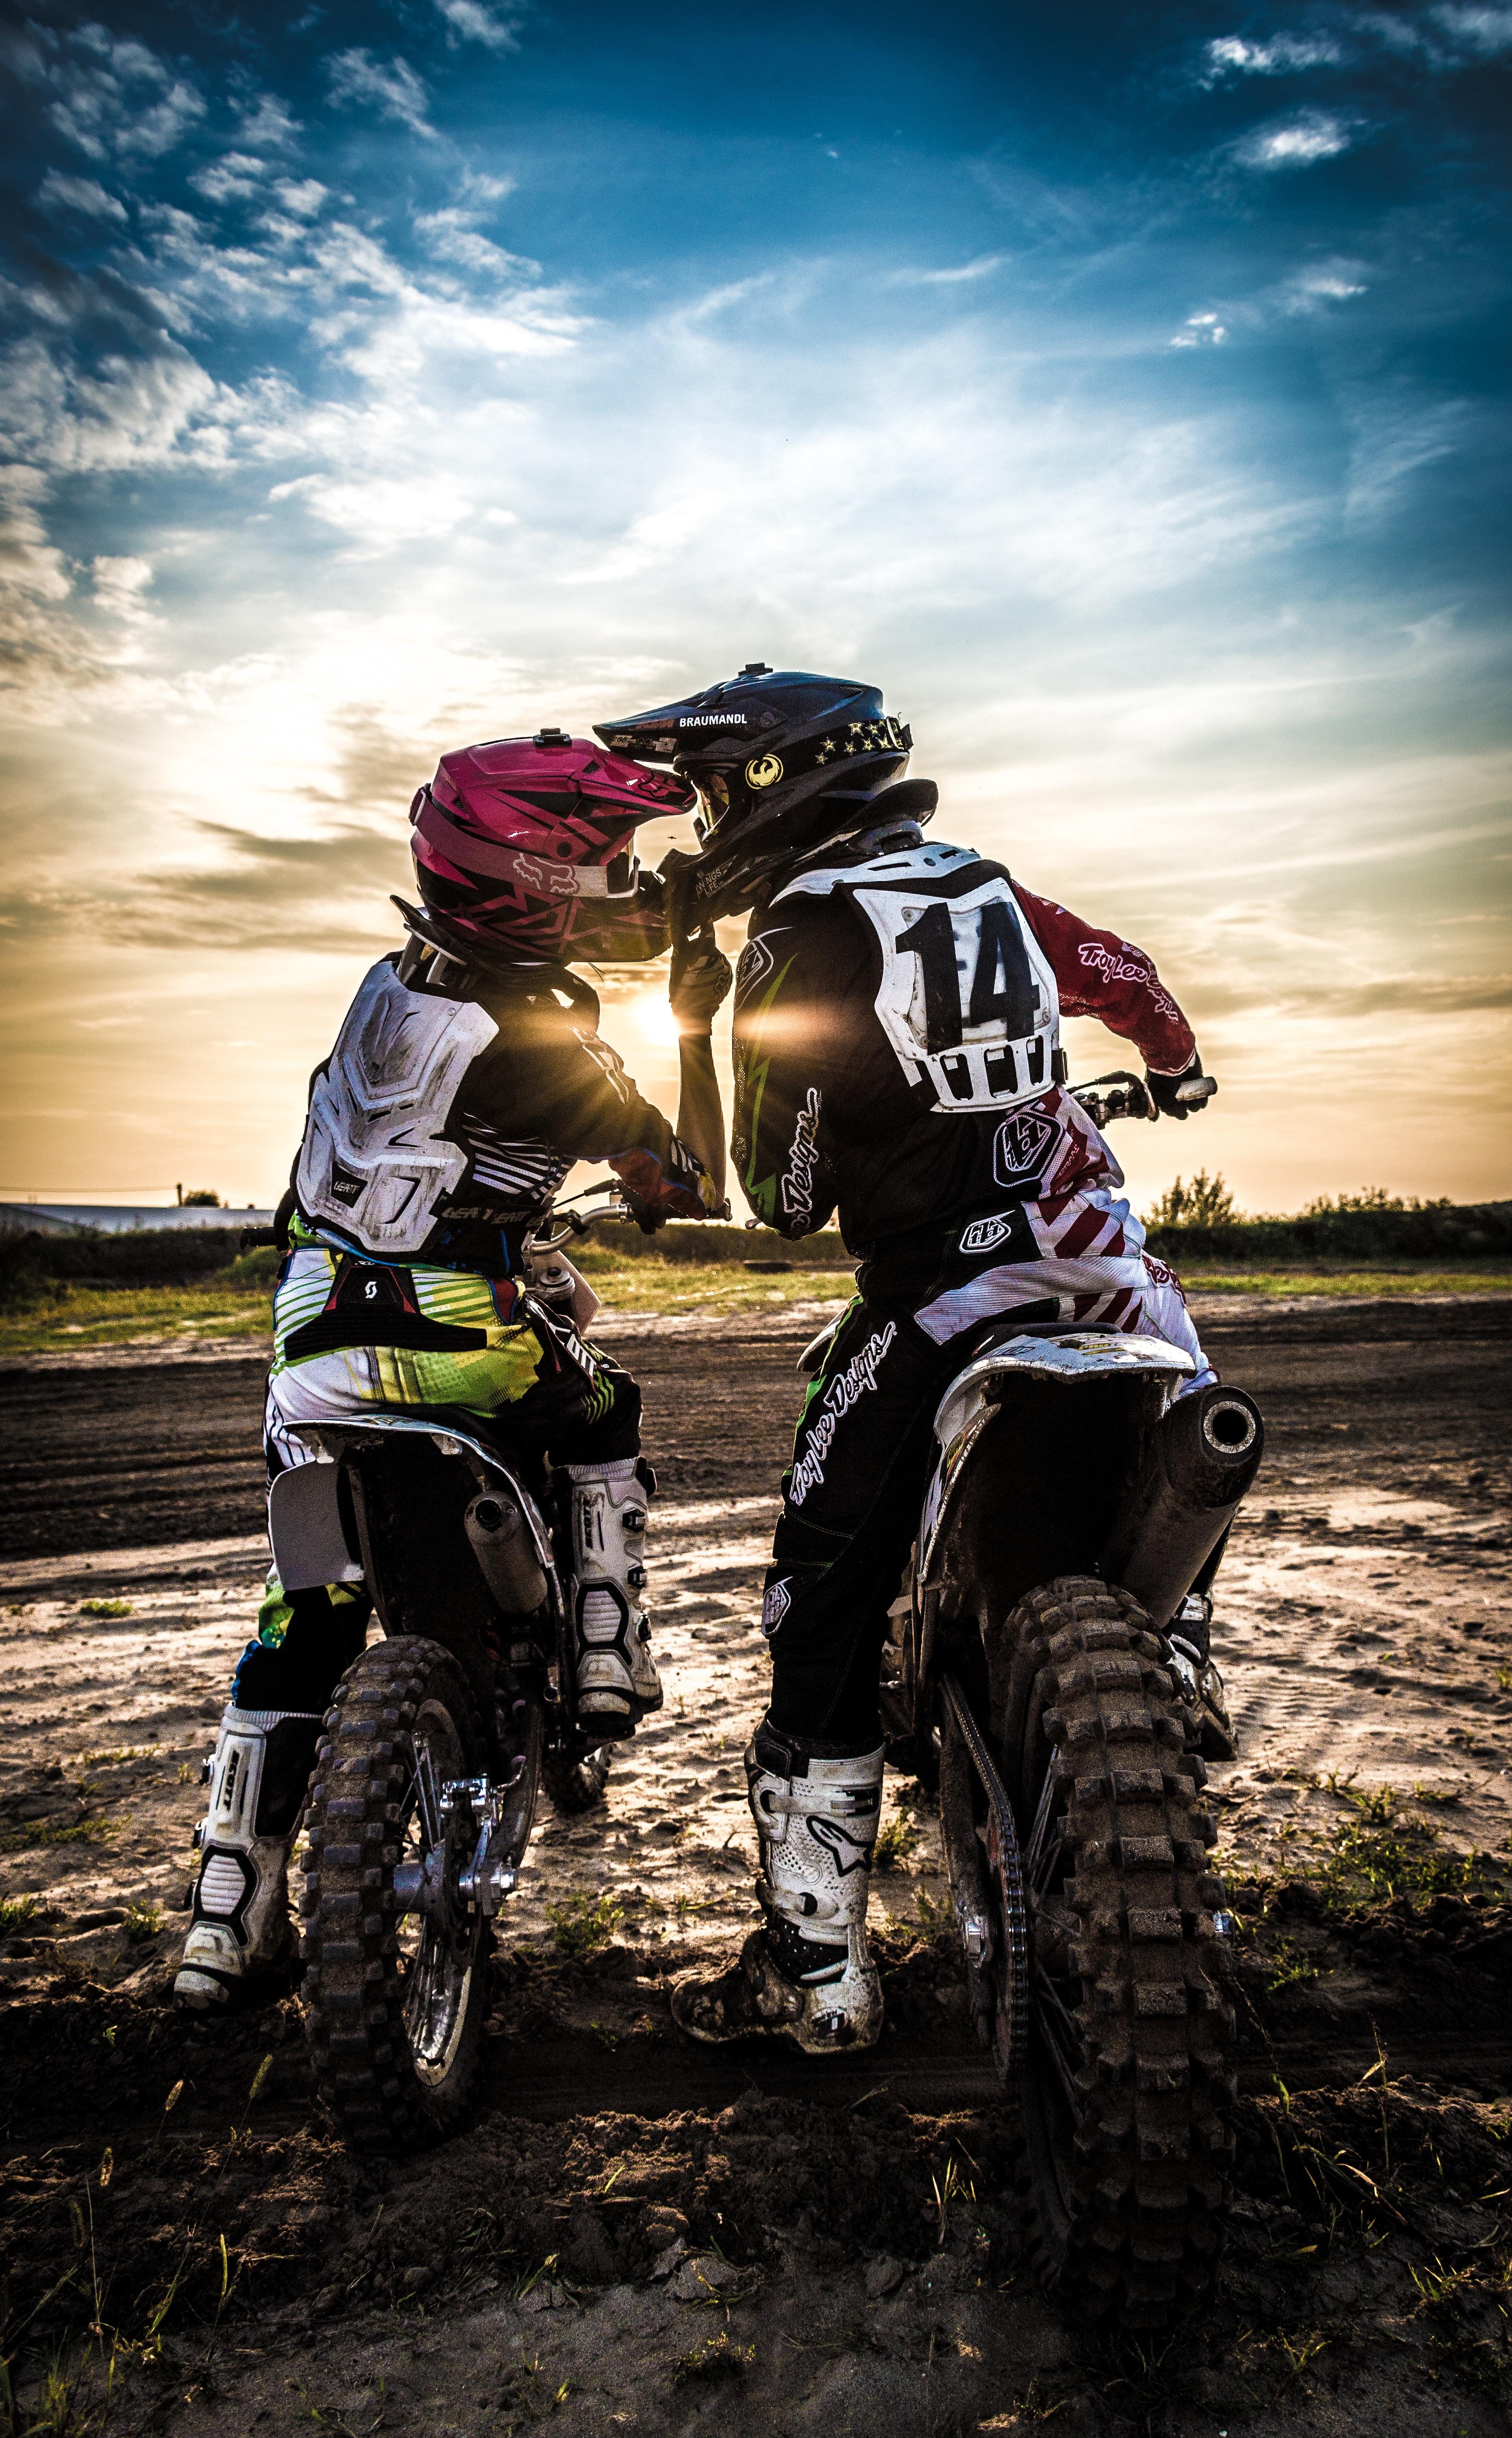 Paarfoto Mann und Frau auf Motocross-Maschinen küssen sich